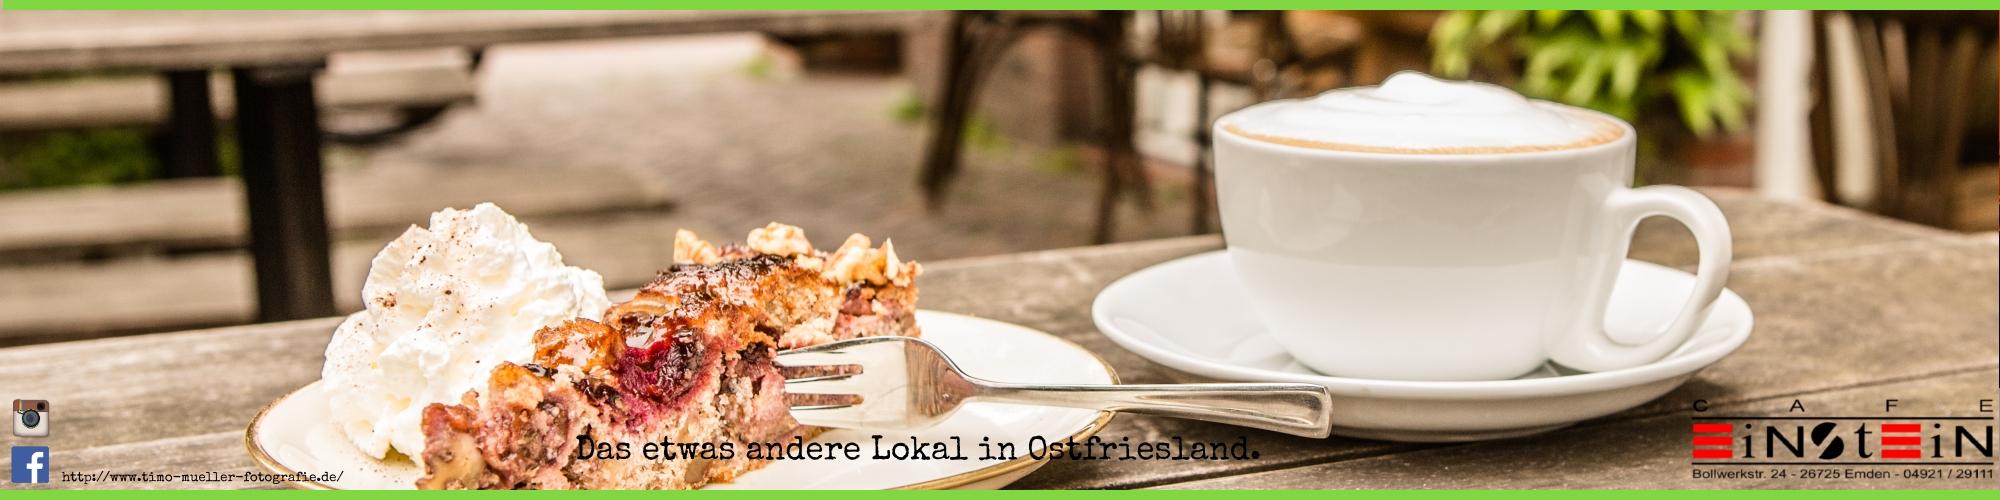 Kaffee und Kuchen in Emden